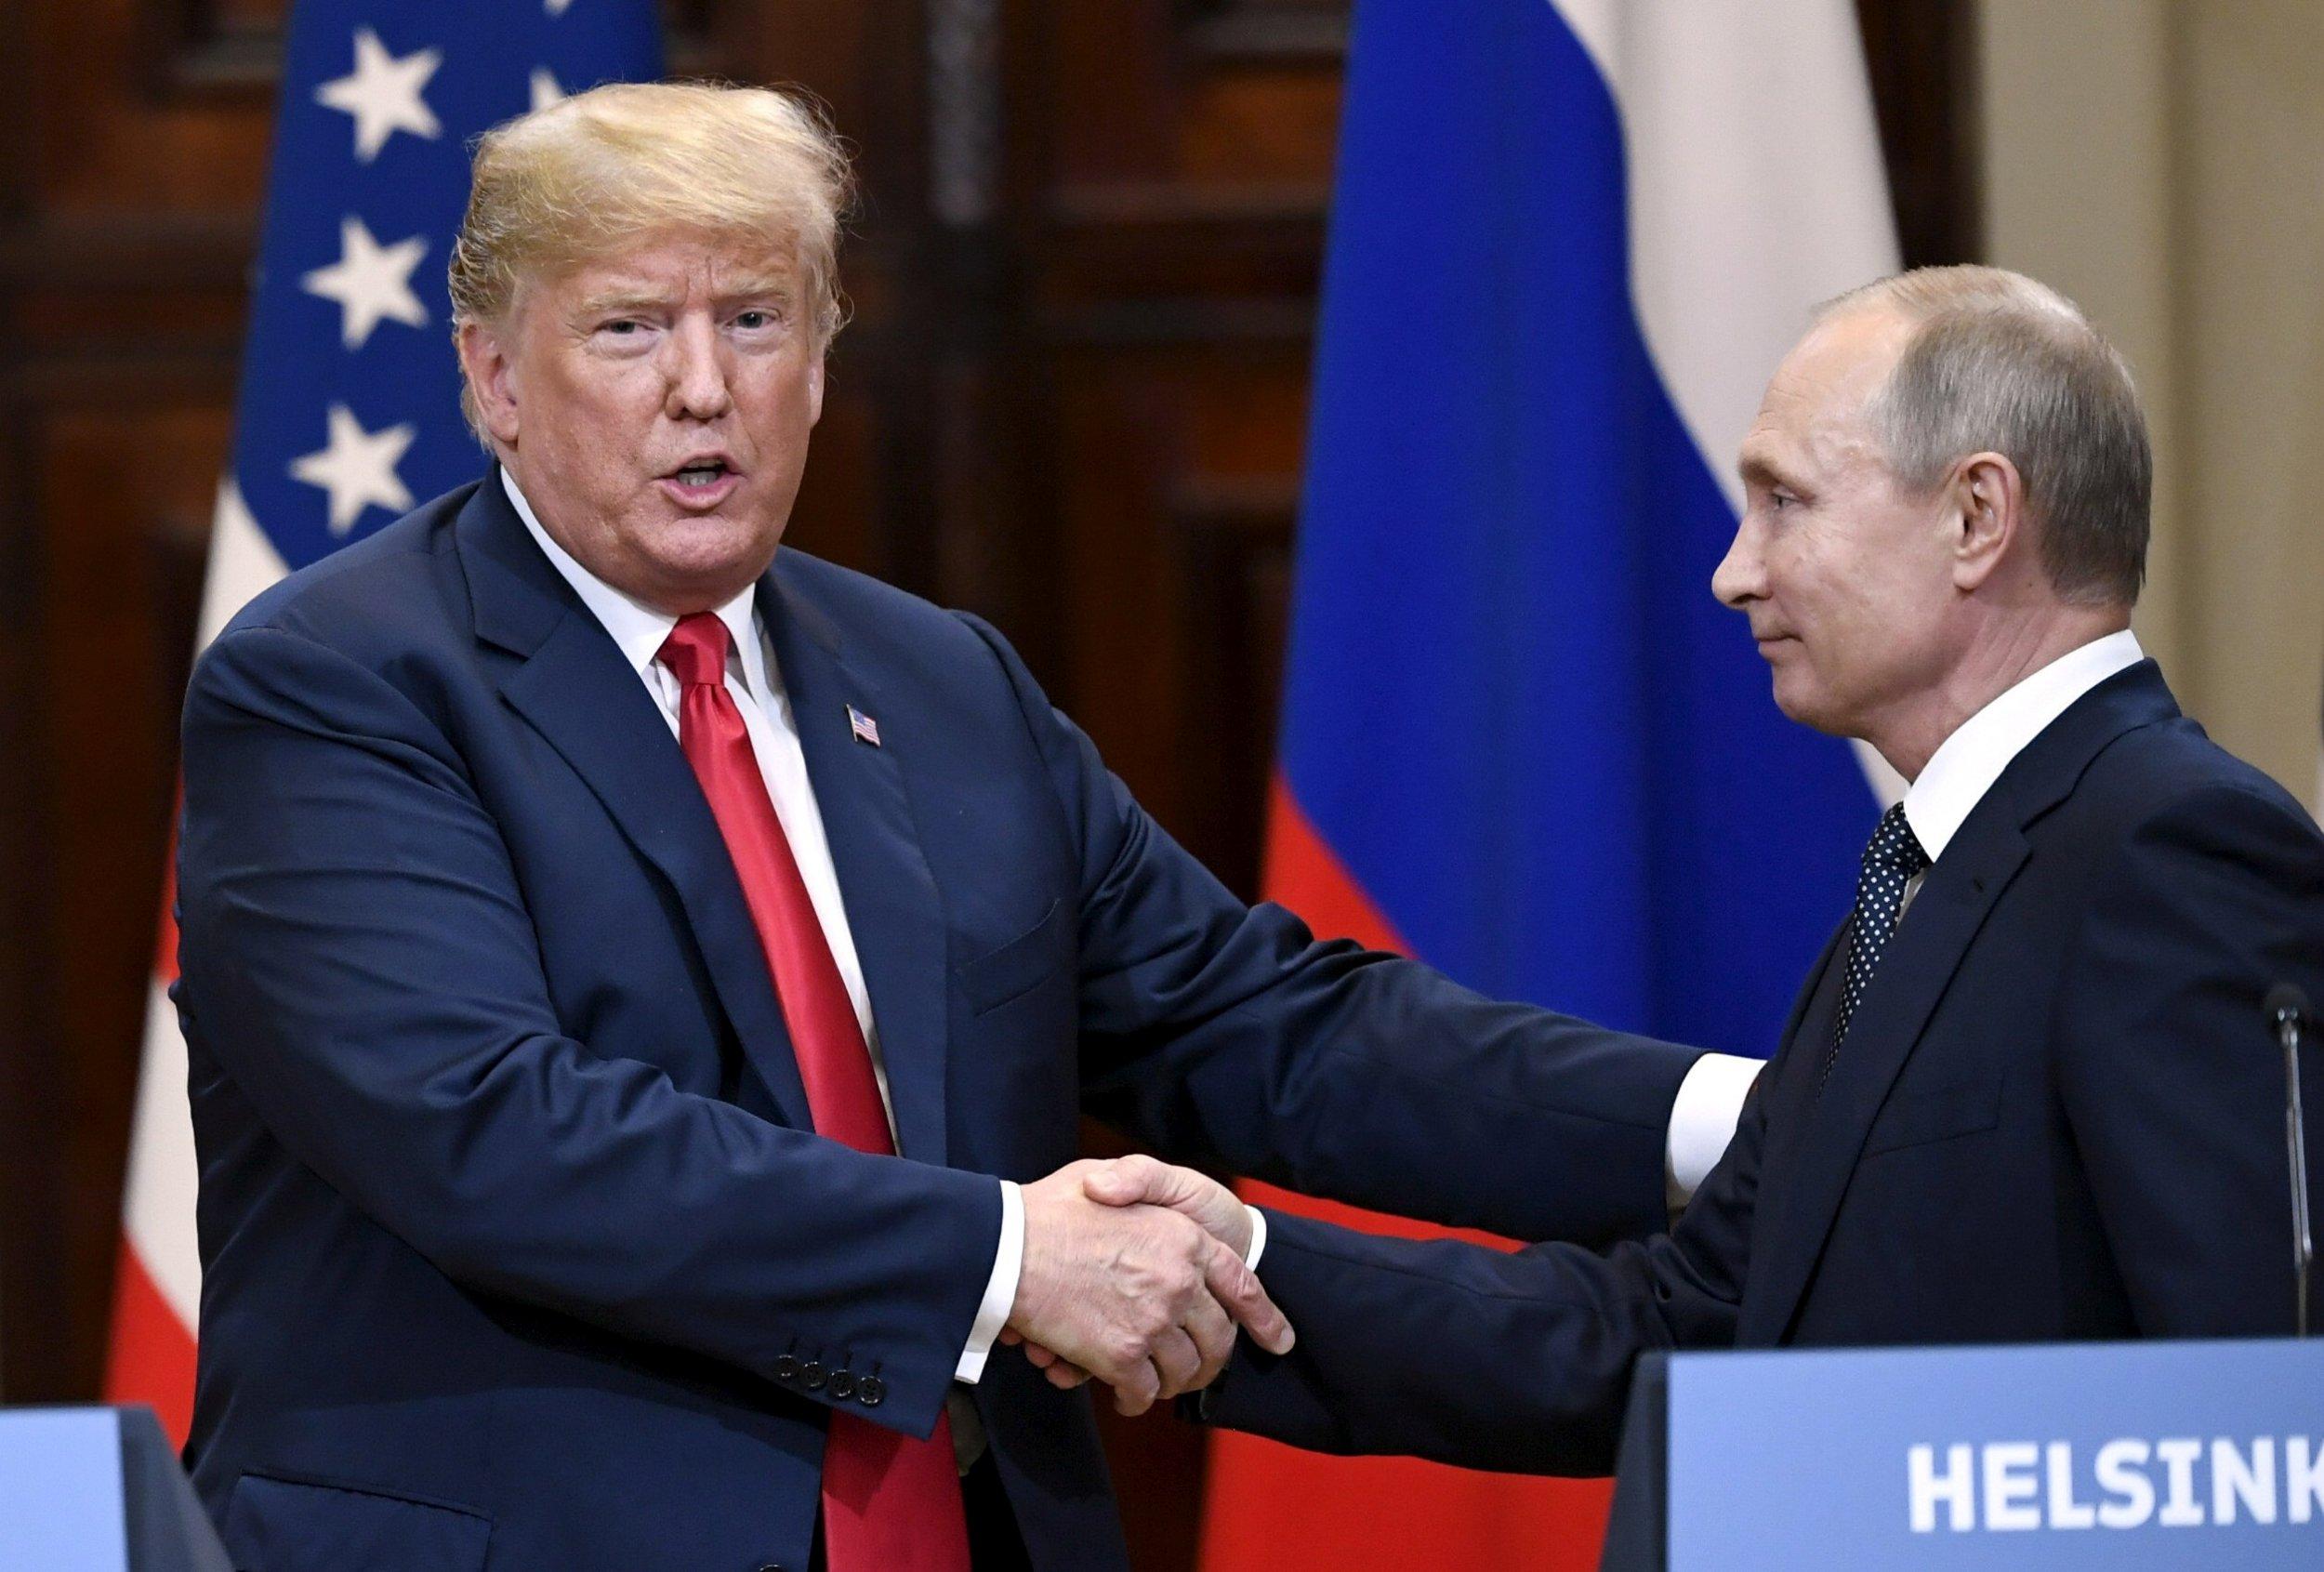 07_16_Trump_Putin_presser